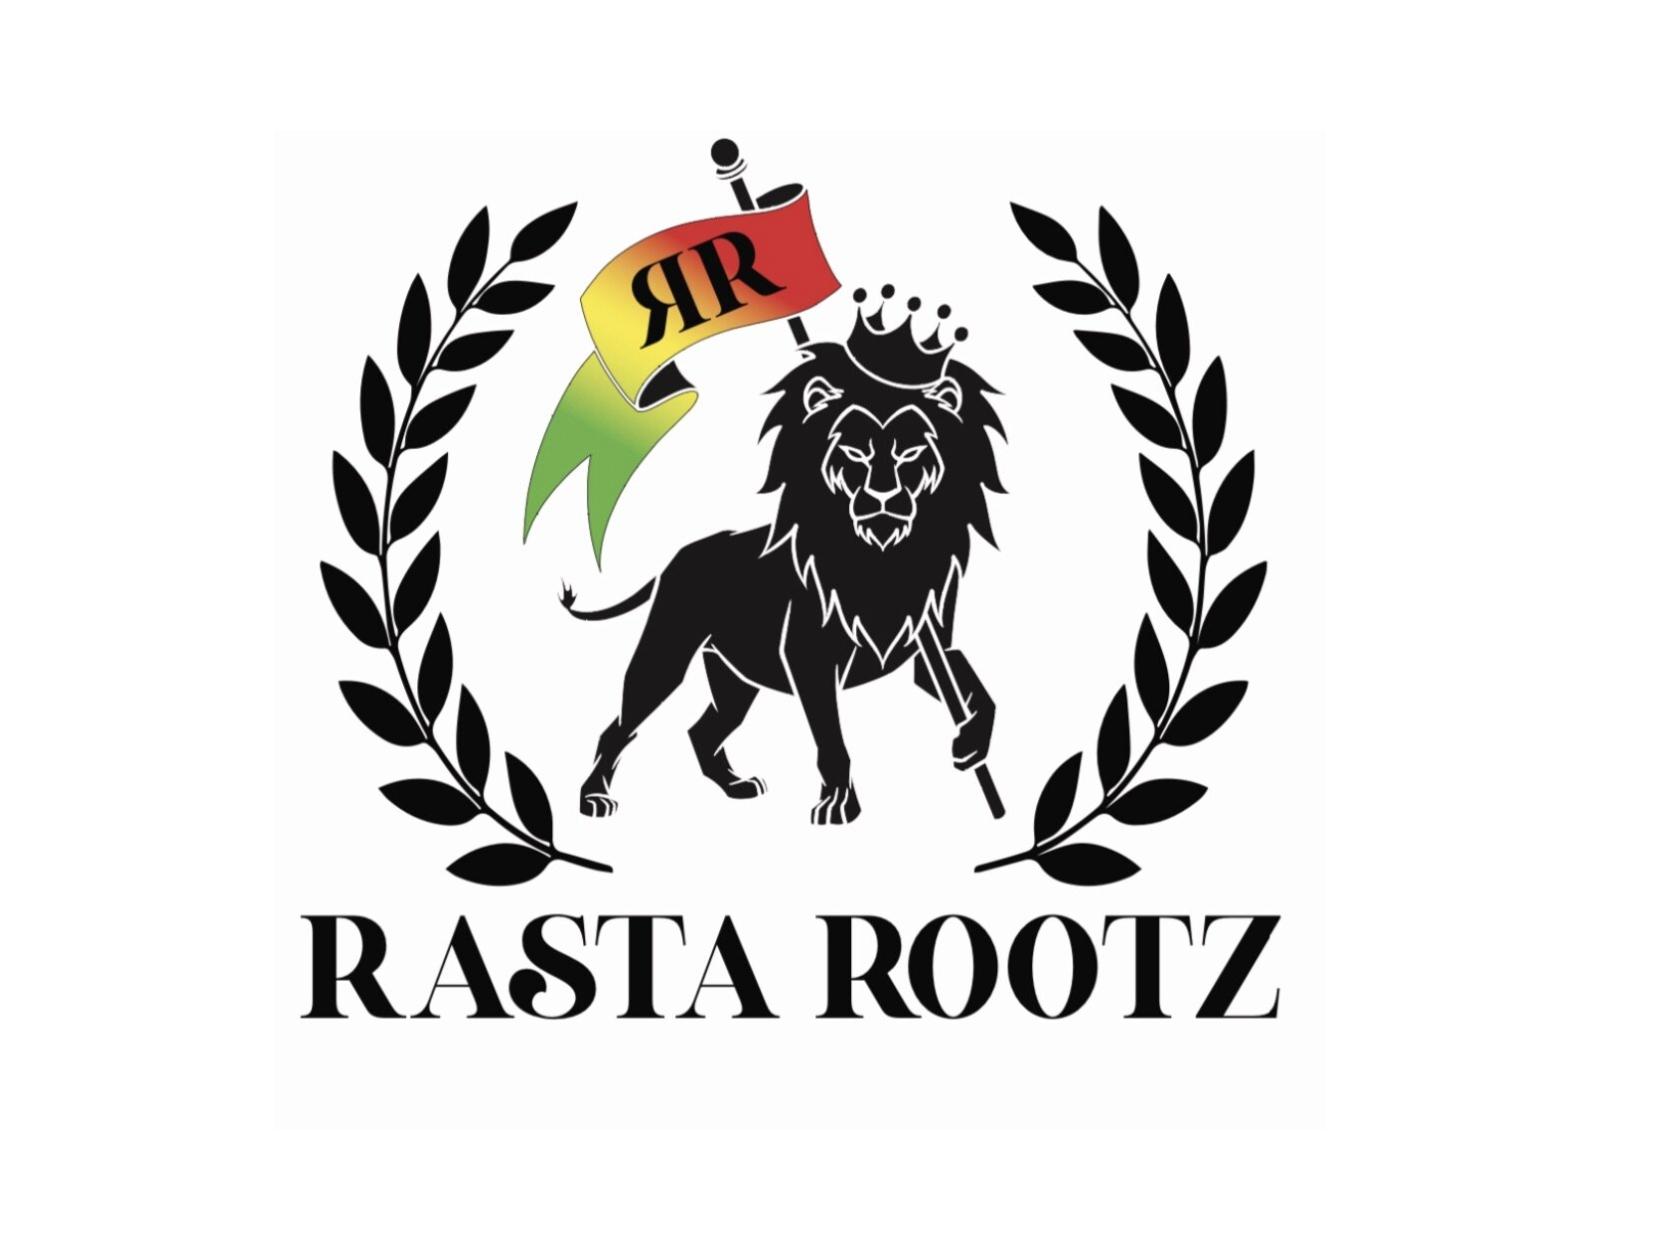 Rasta rootz logo